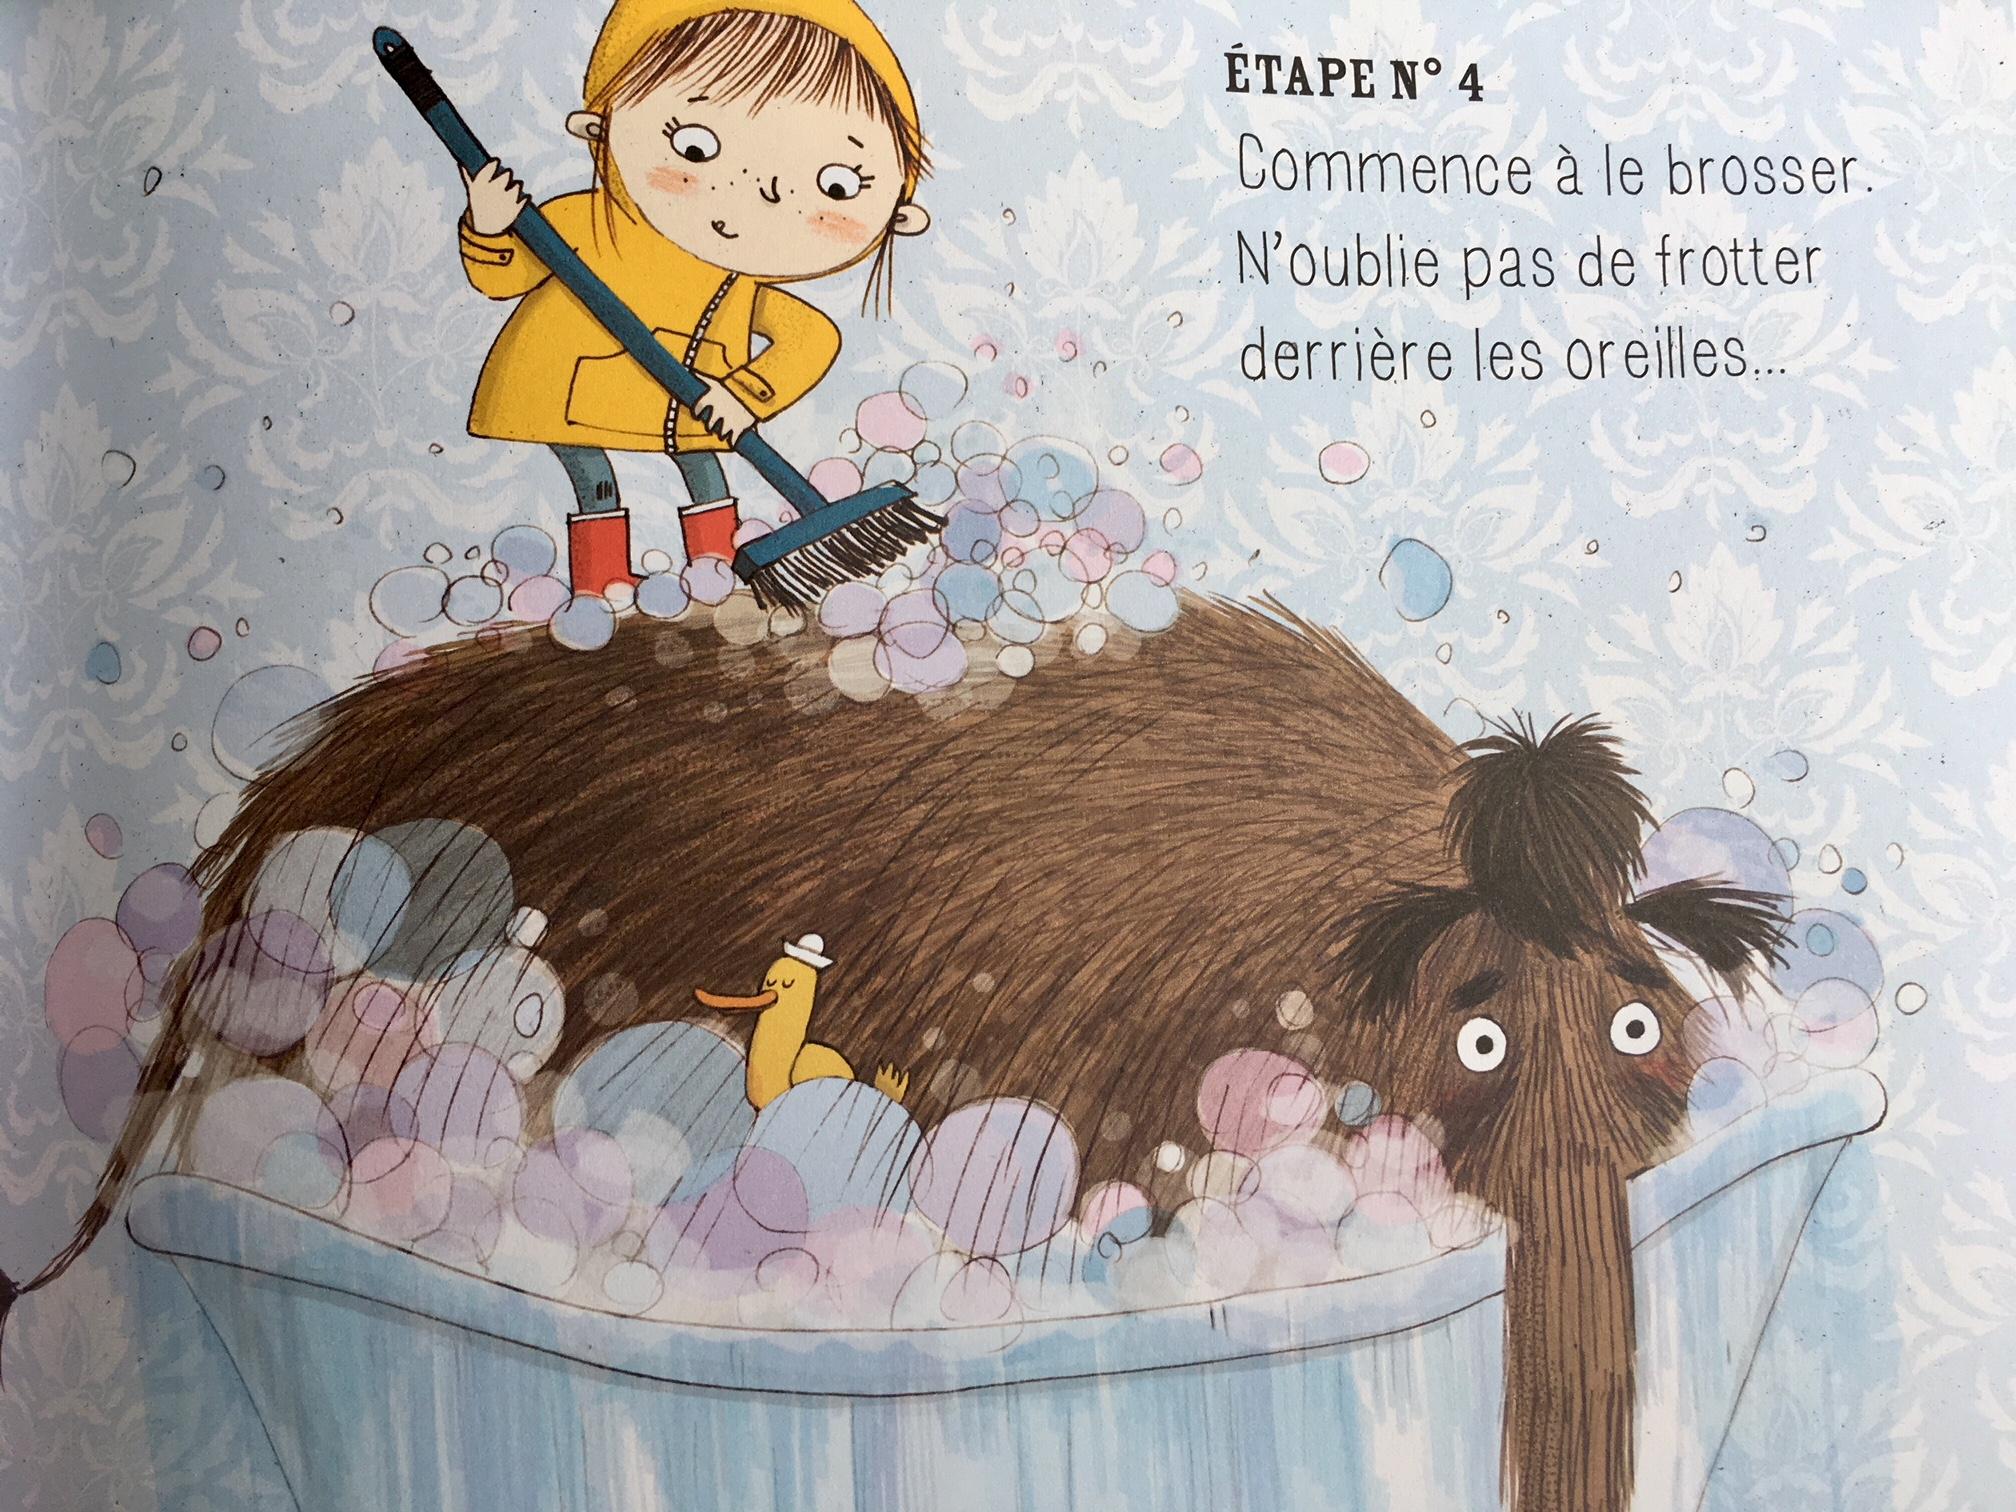 Comment Bien Laver Son Mammouth Laineux Un Livre Amusant Et Utile